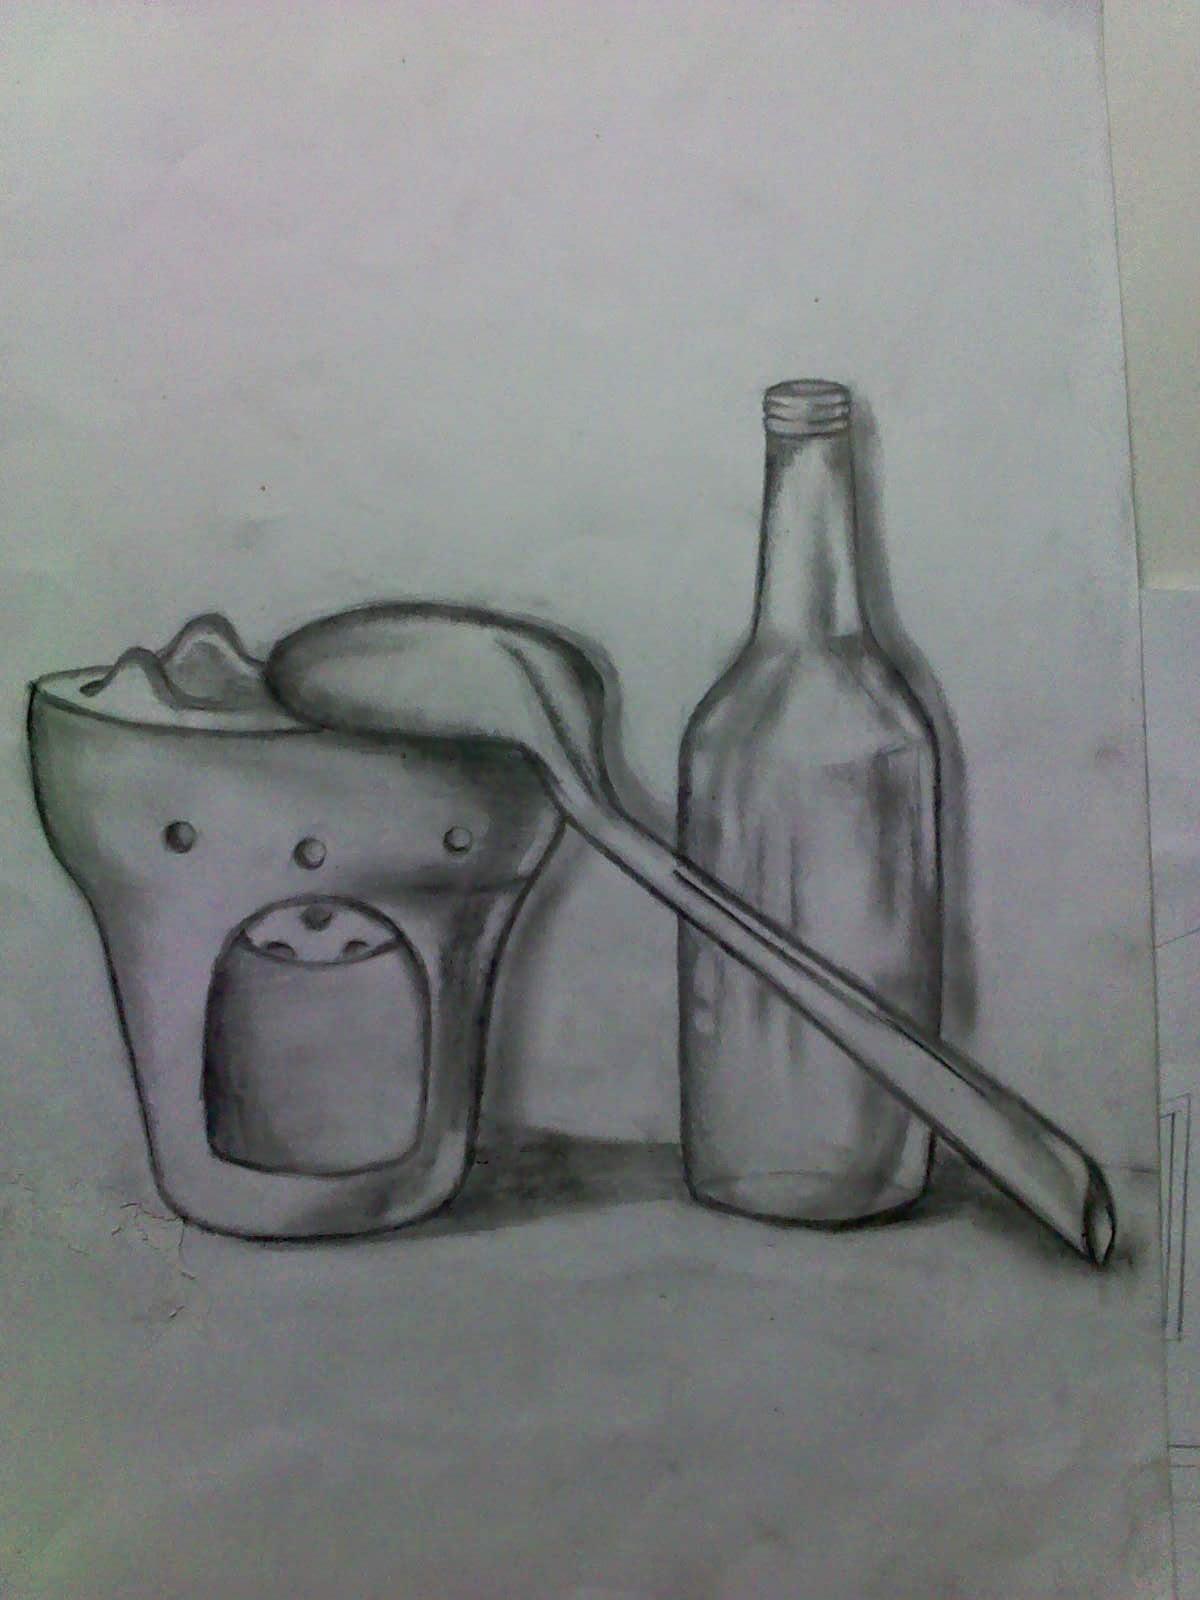 - Contoh Gambar Ilustrasi Dengan Tema Benda Alam Iluszi